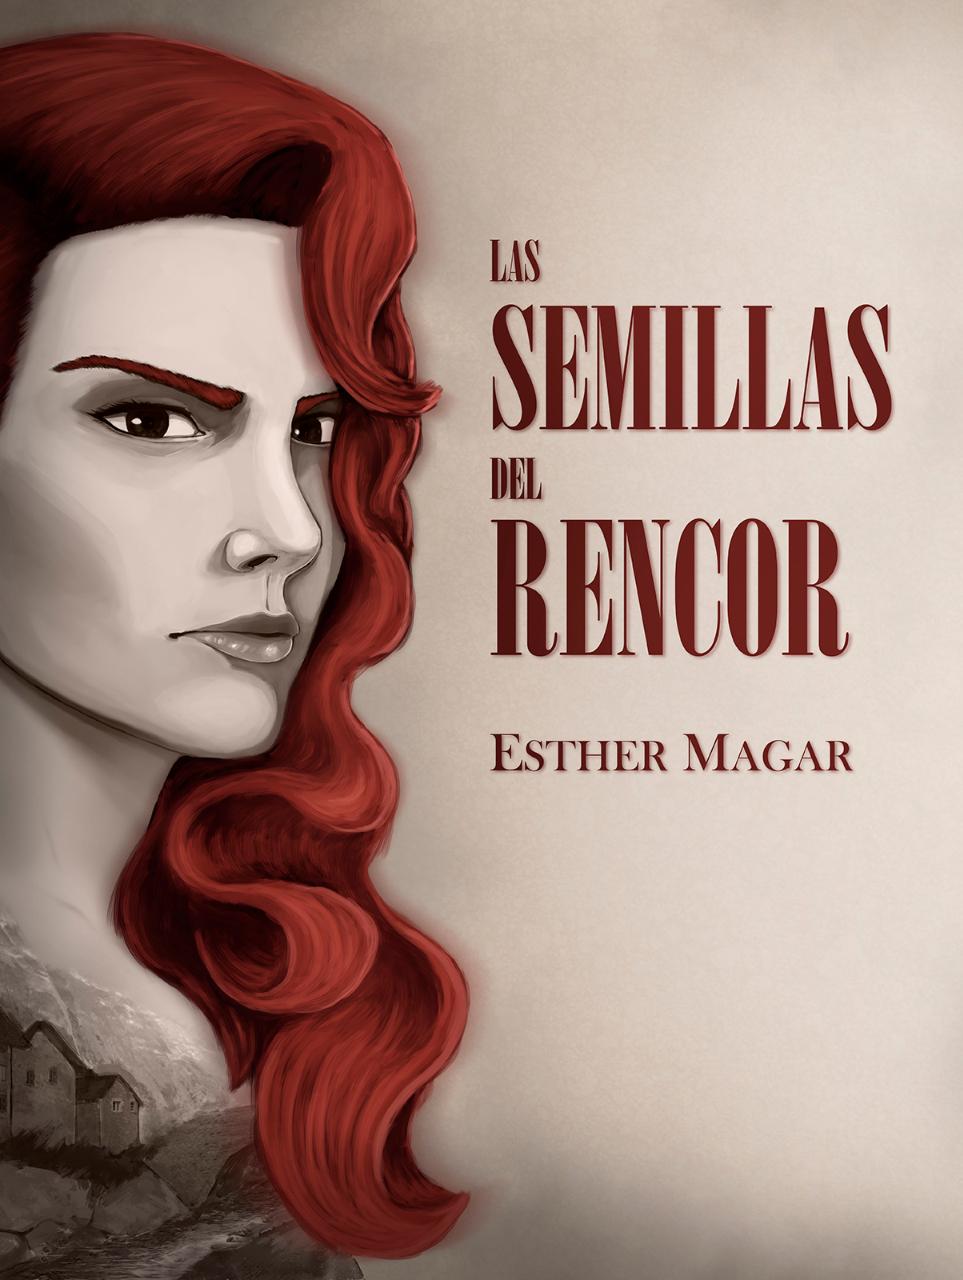 Reseña Las semillas del rencor, de Esther Magar - Cine de Escritor